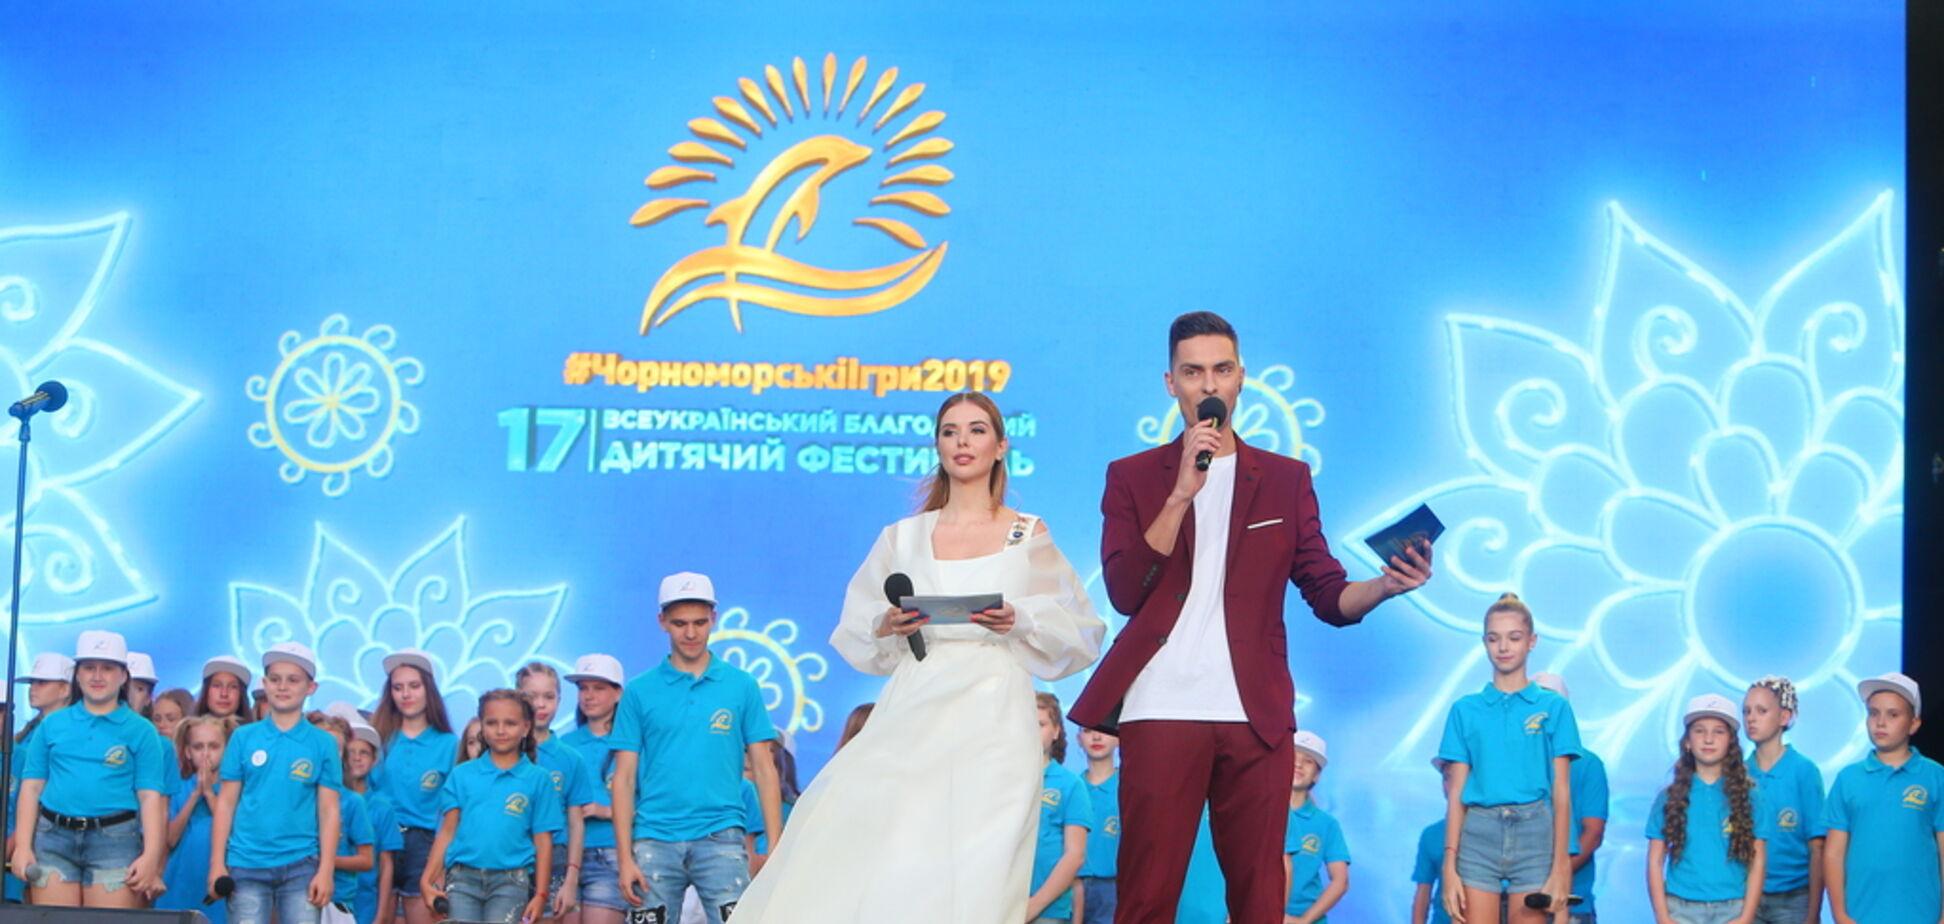 'Чорноморські ігри-2020': триває прийом заявкок на головний фестиваль талантів України